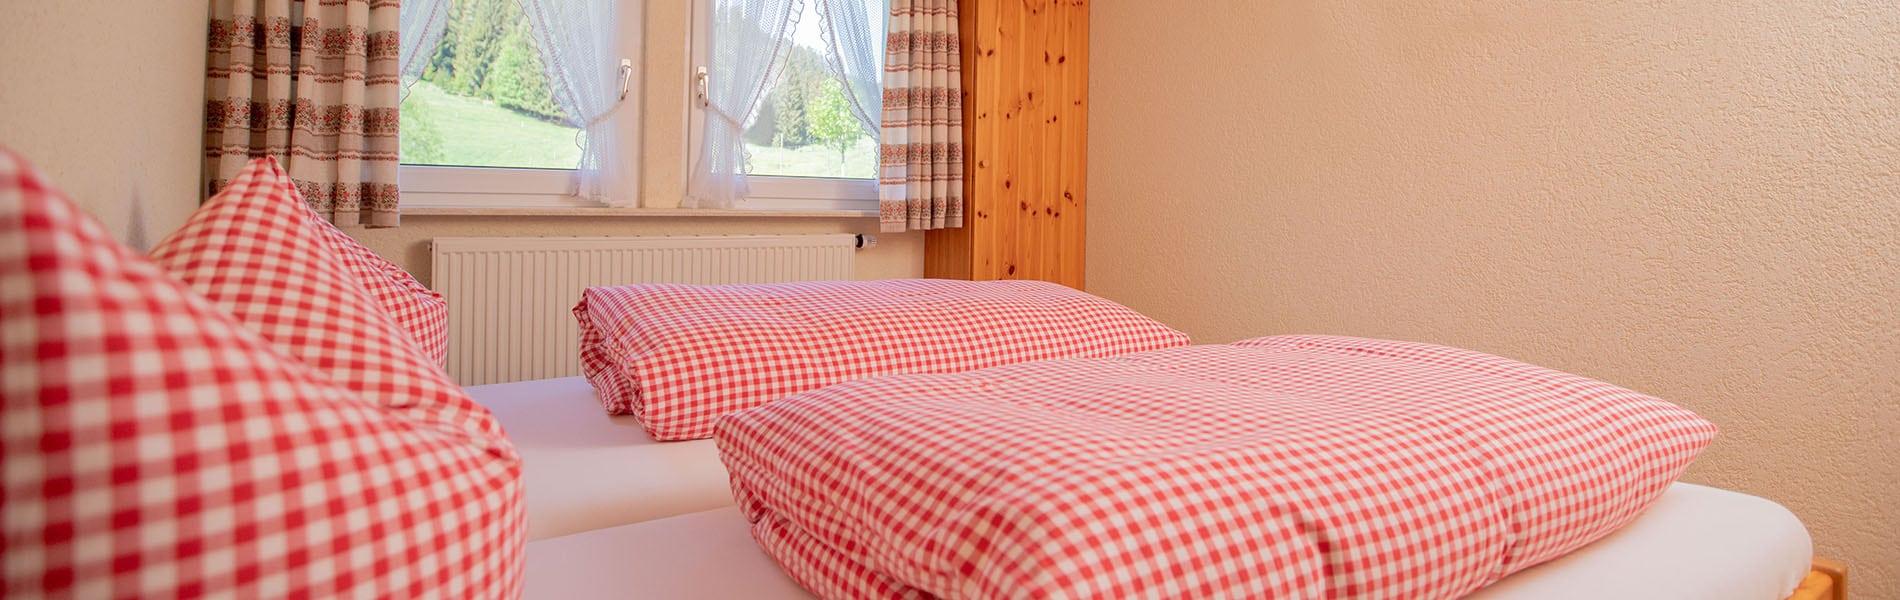 Blick vom Bett Wohnung Kamille_Josenmuehle2020_Slider